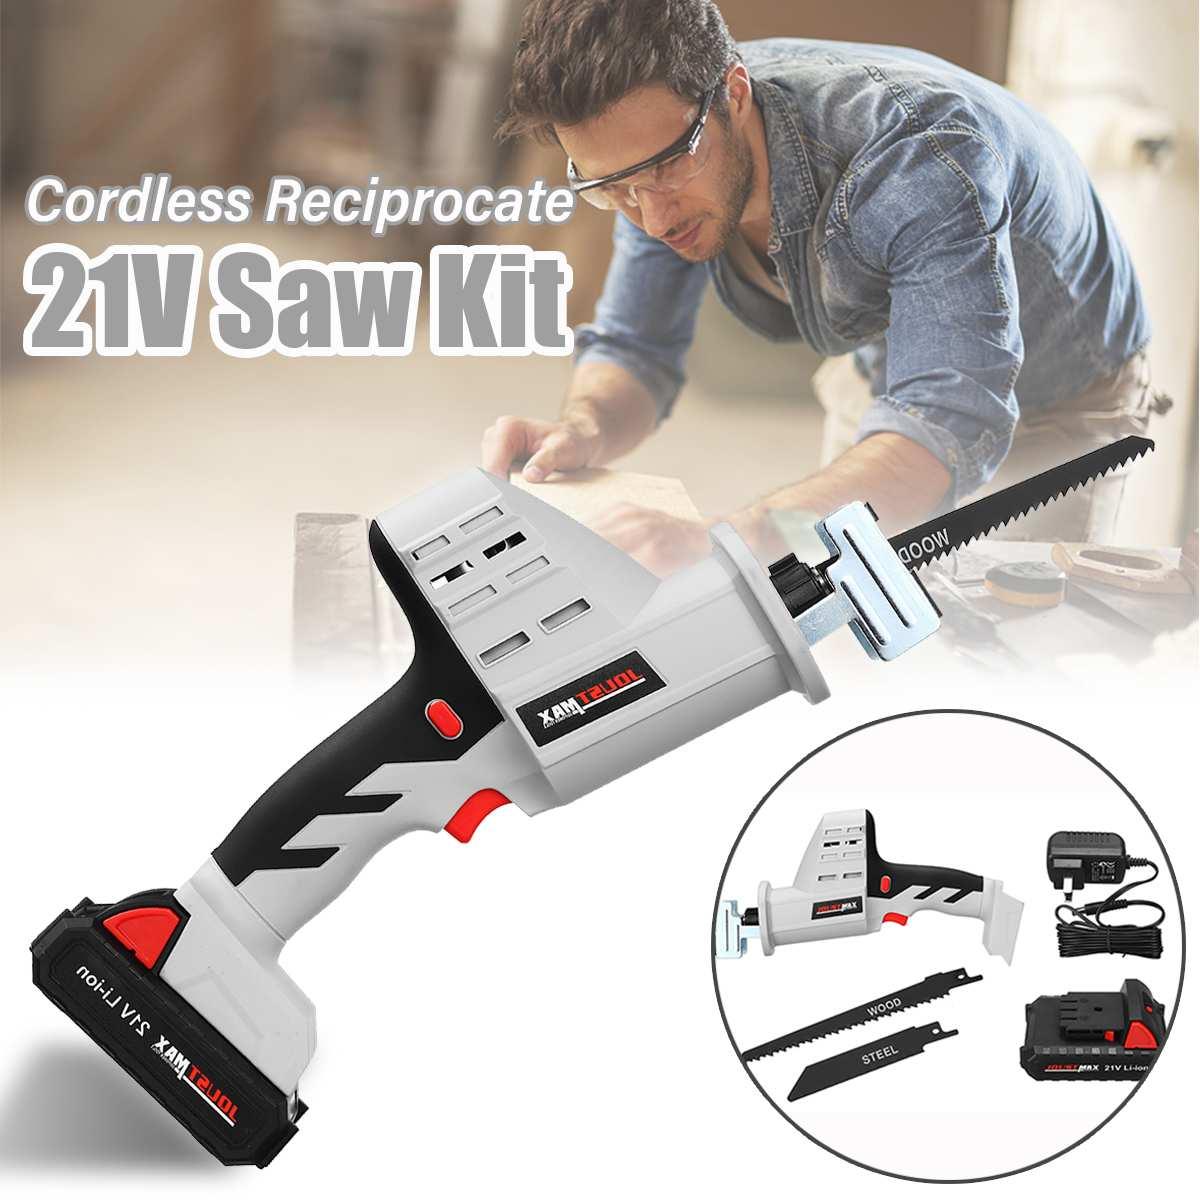 Joust max 21 v carga portátil sem fio li-ion elétrico alternativo serra de madeira serras de metal ferramenta de corte com 2 lâminas ferramentas elétricas